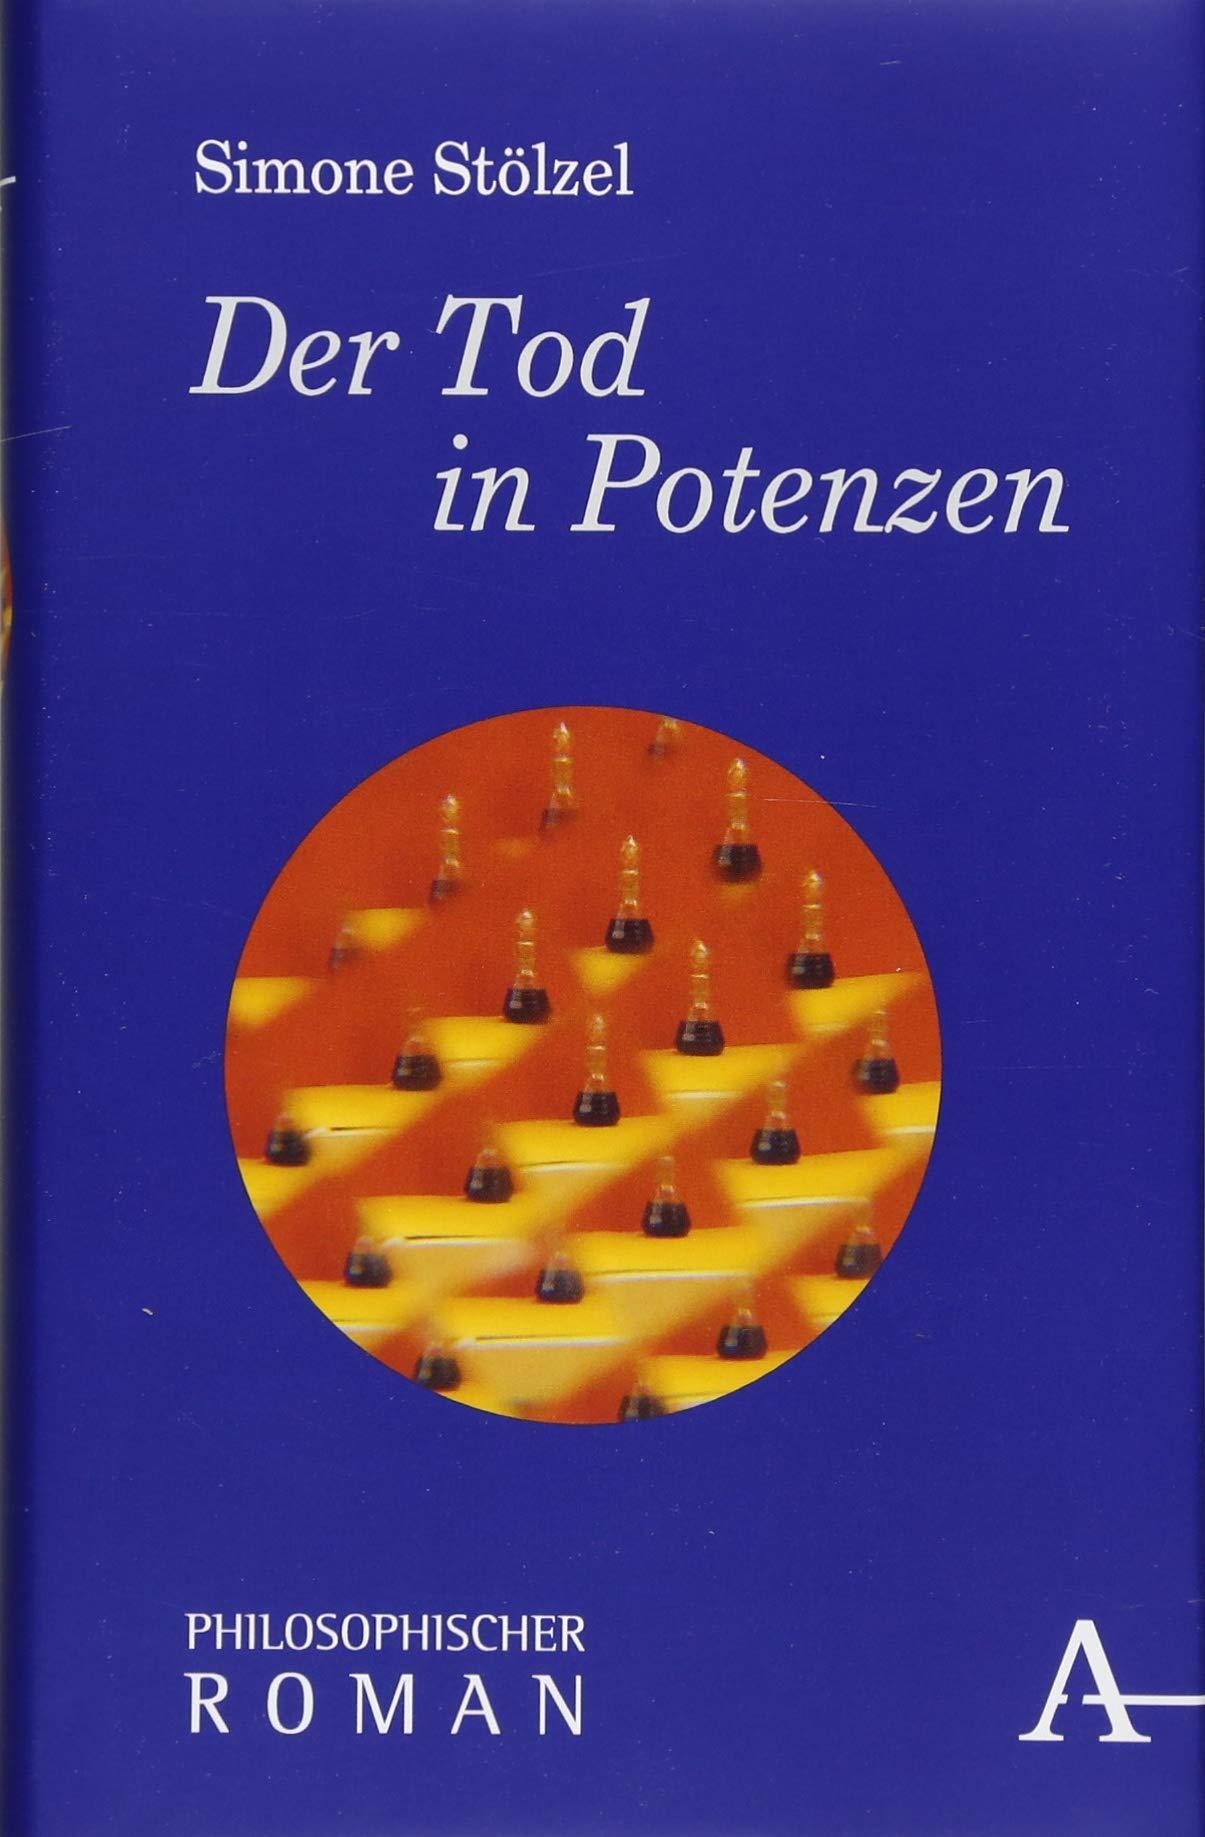 Der Tod in Potenzen: Philosophischer Roman